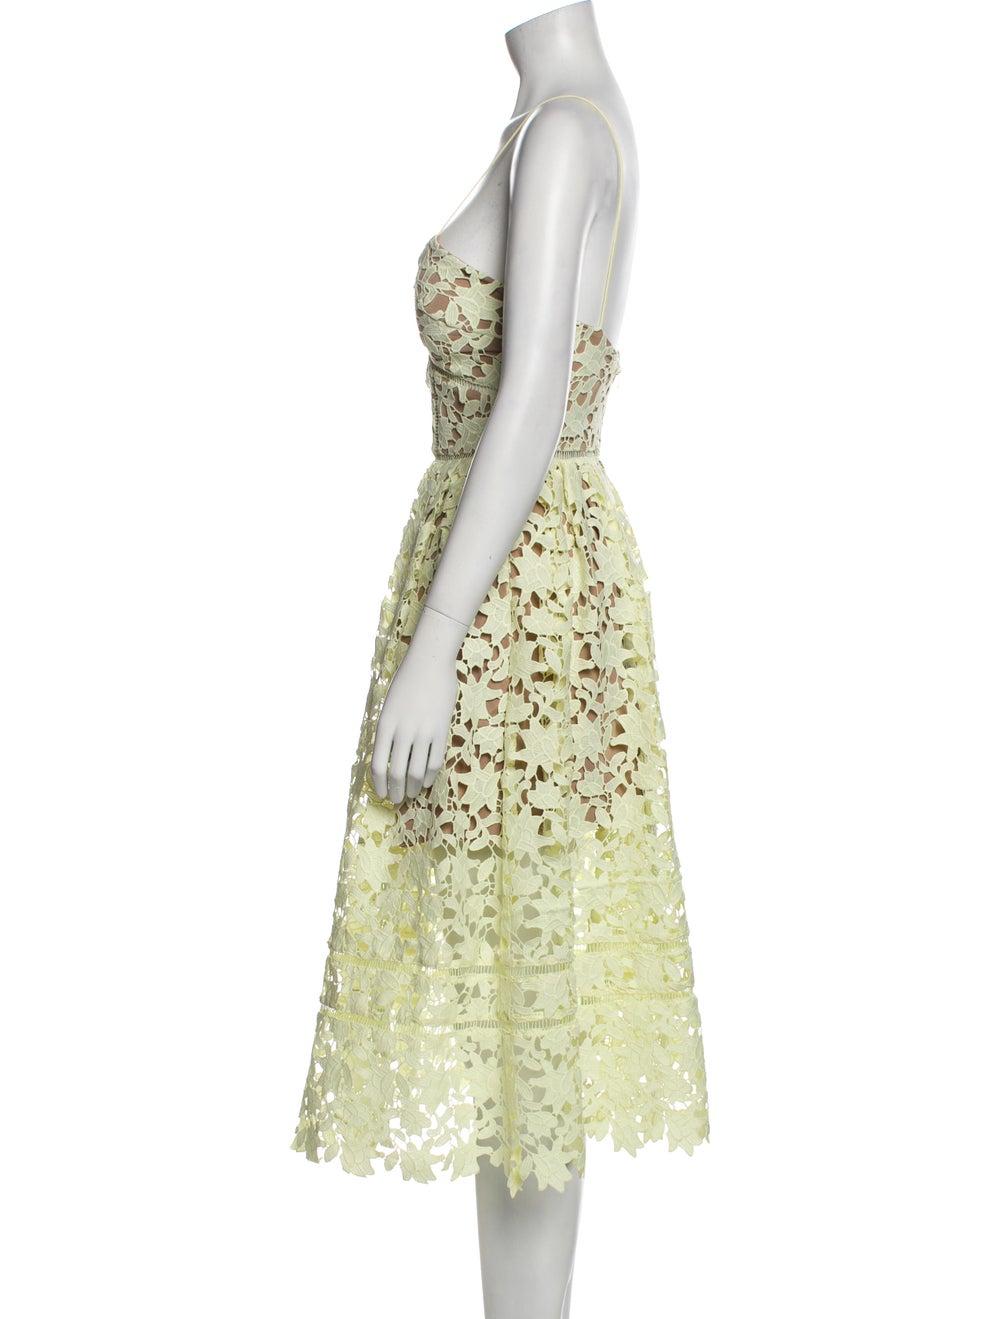 Self-Portrait Lace Pattern Midi Length Dress Yell… - image 2